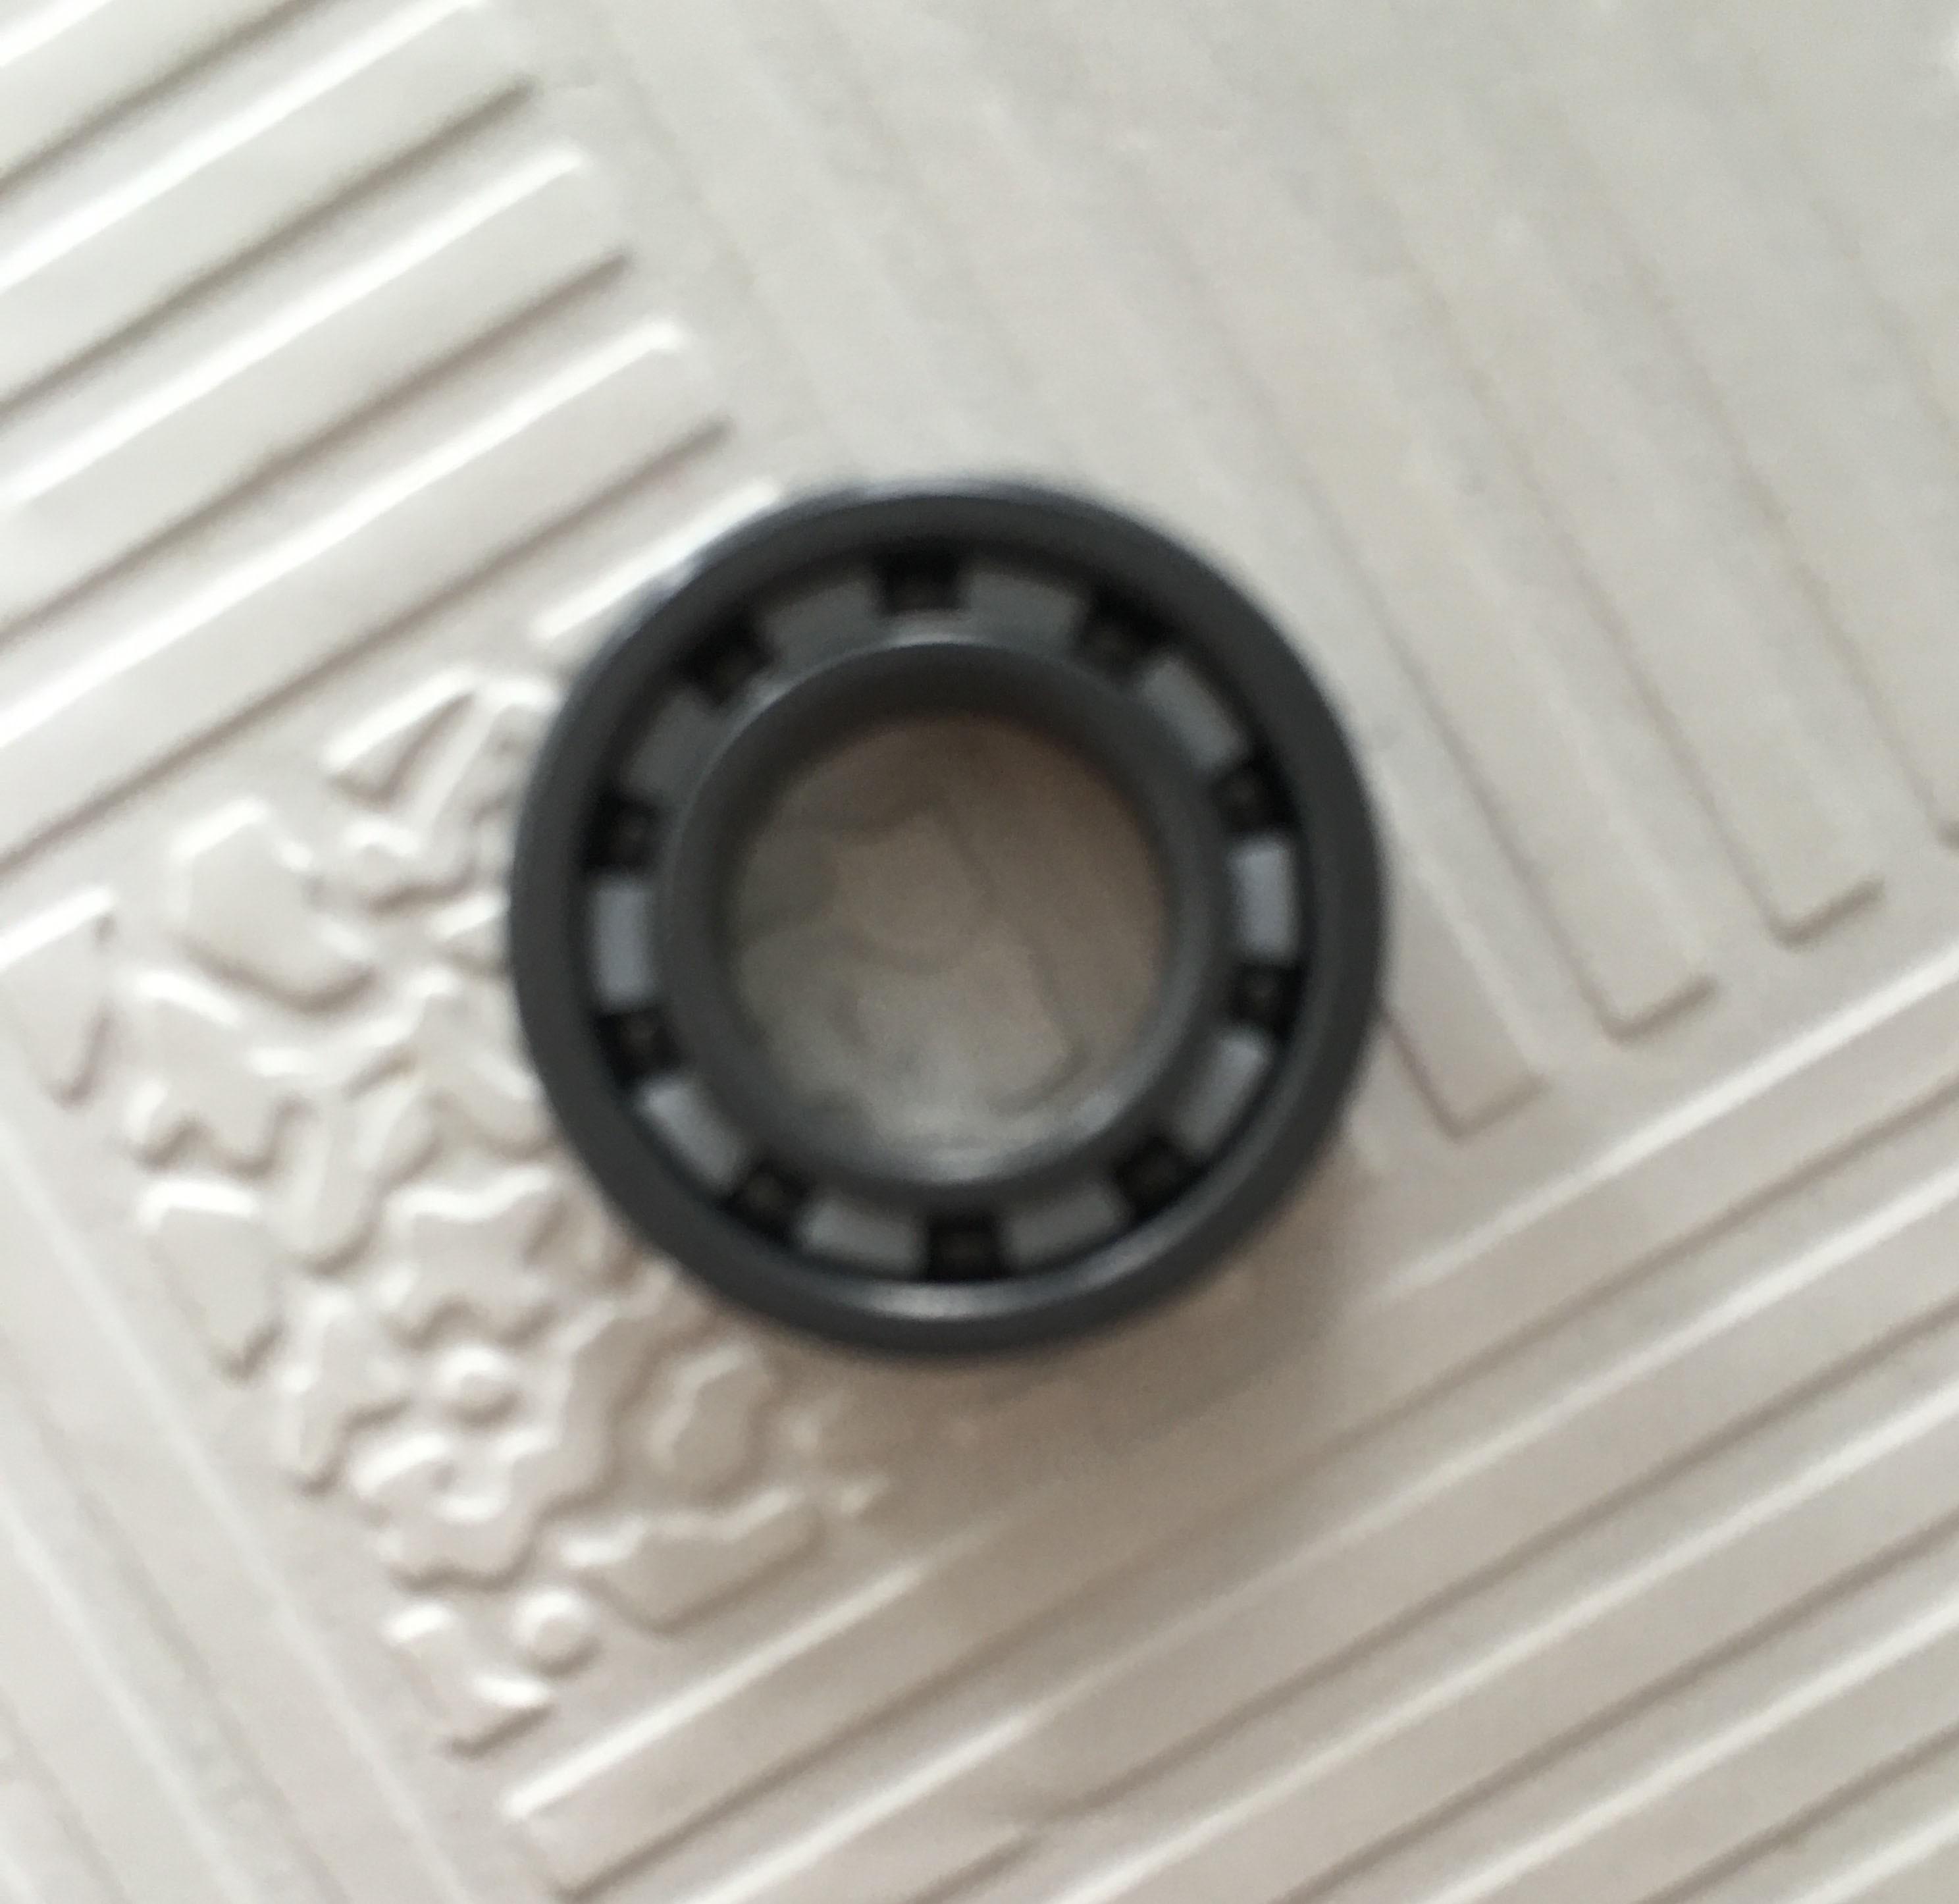 Free shipping 625 full SI3N4 ceramic deep groove ball bearing 5x16x5mm P0 ABEC1 gcr15 6036 180x280x46mm high precision deep groove ball bearings abec 1 p0 1 pcs